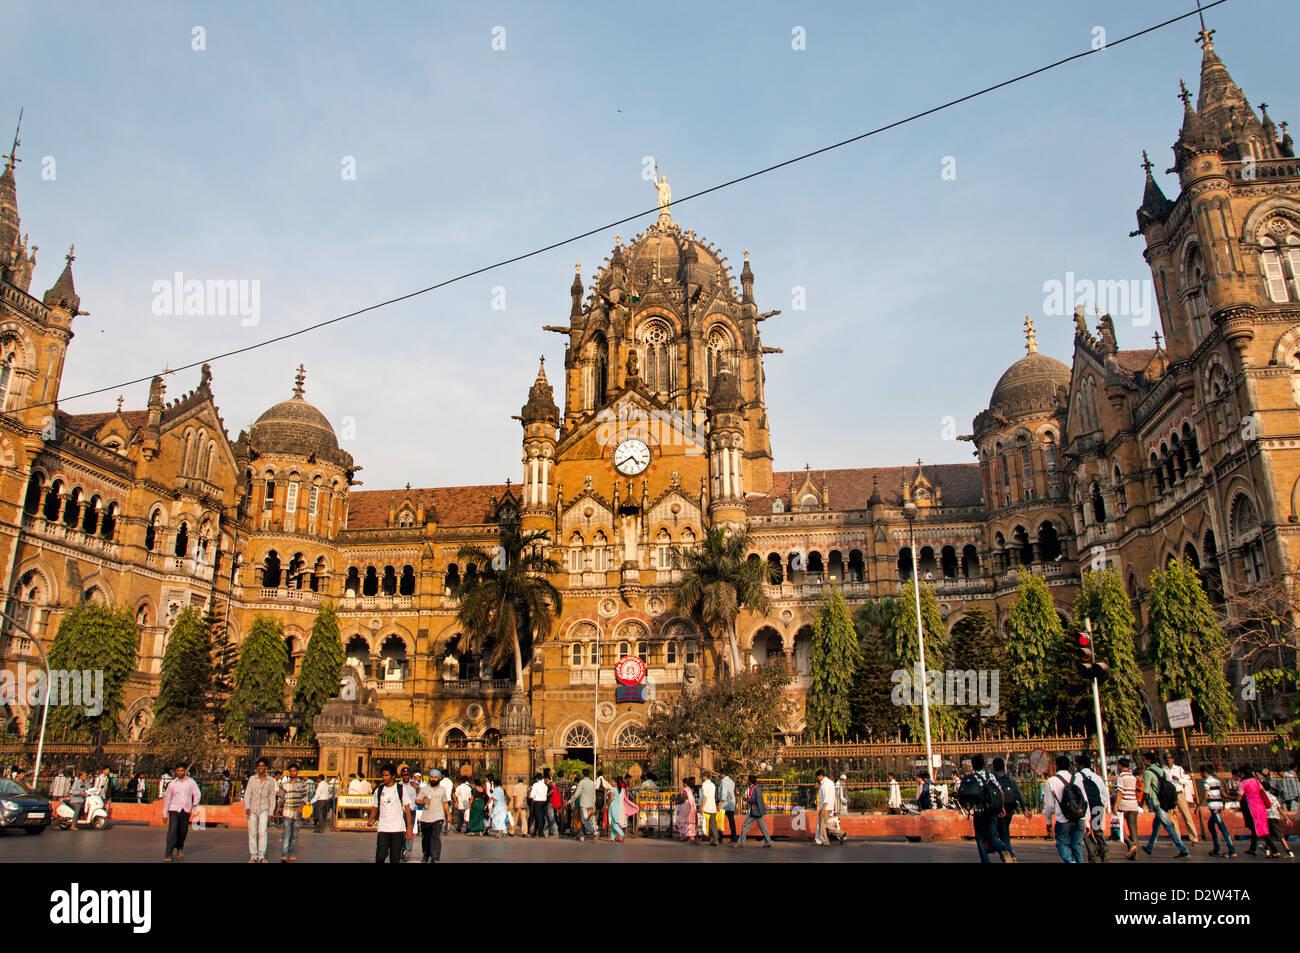 La gare Chhatrapati Shivaji terminus Gare Victoria ( ) Mumbai ( Bombay ) de l'architecture néo-gothique Photo Stock